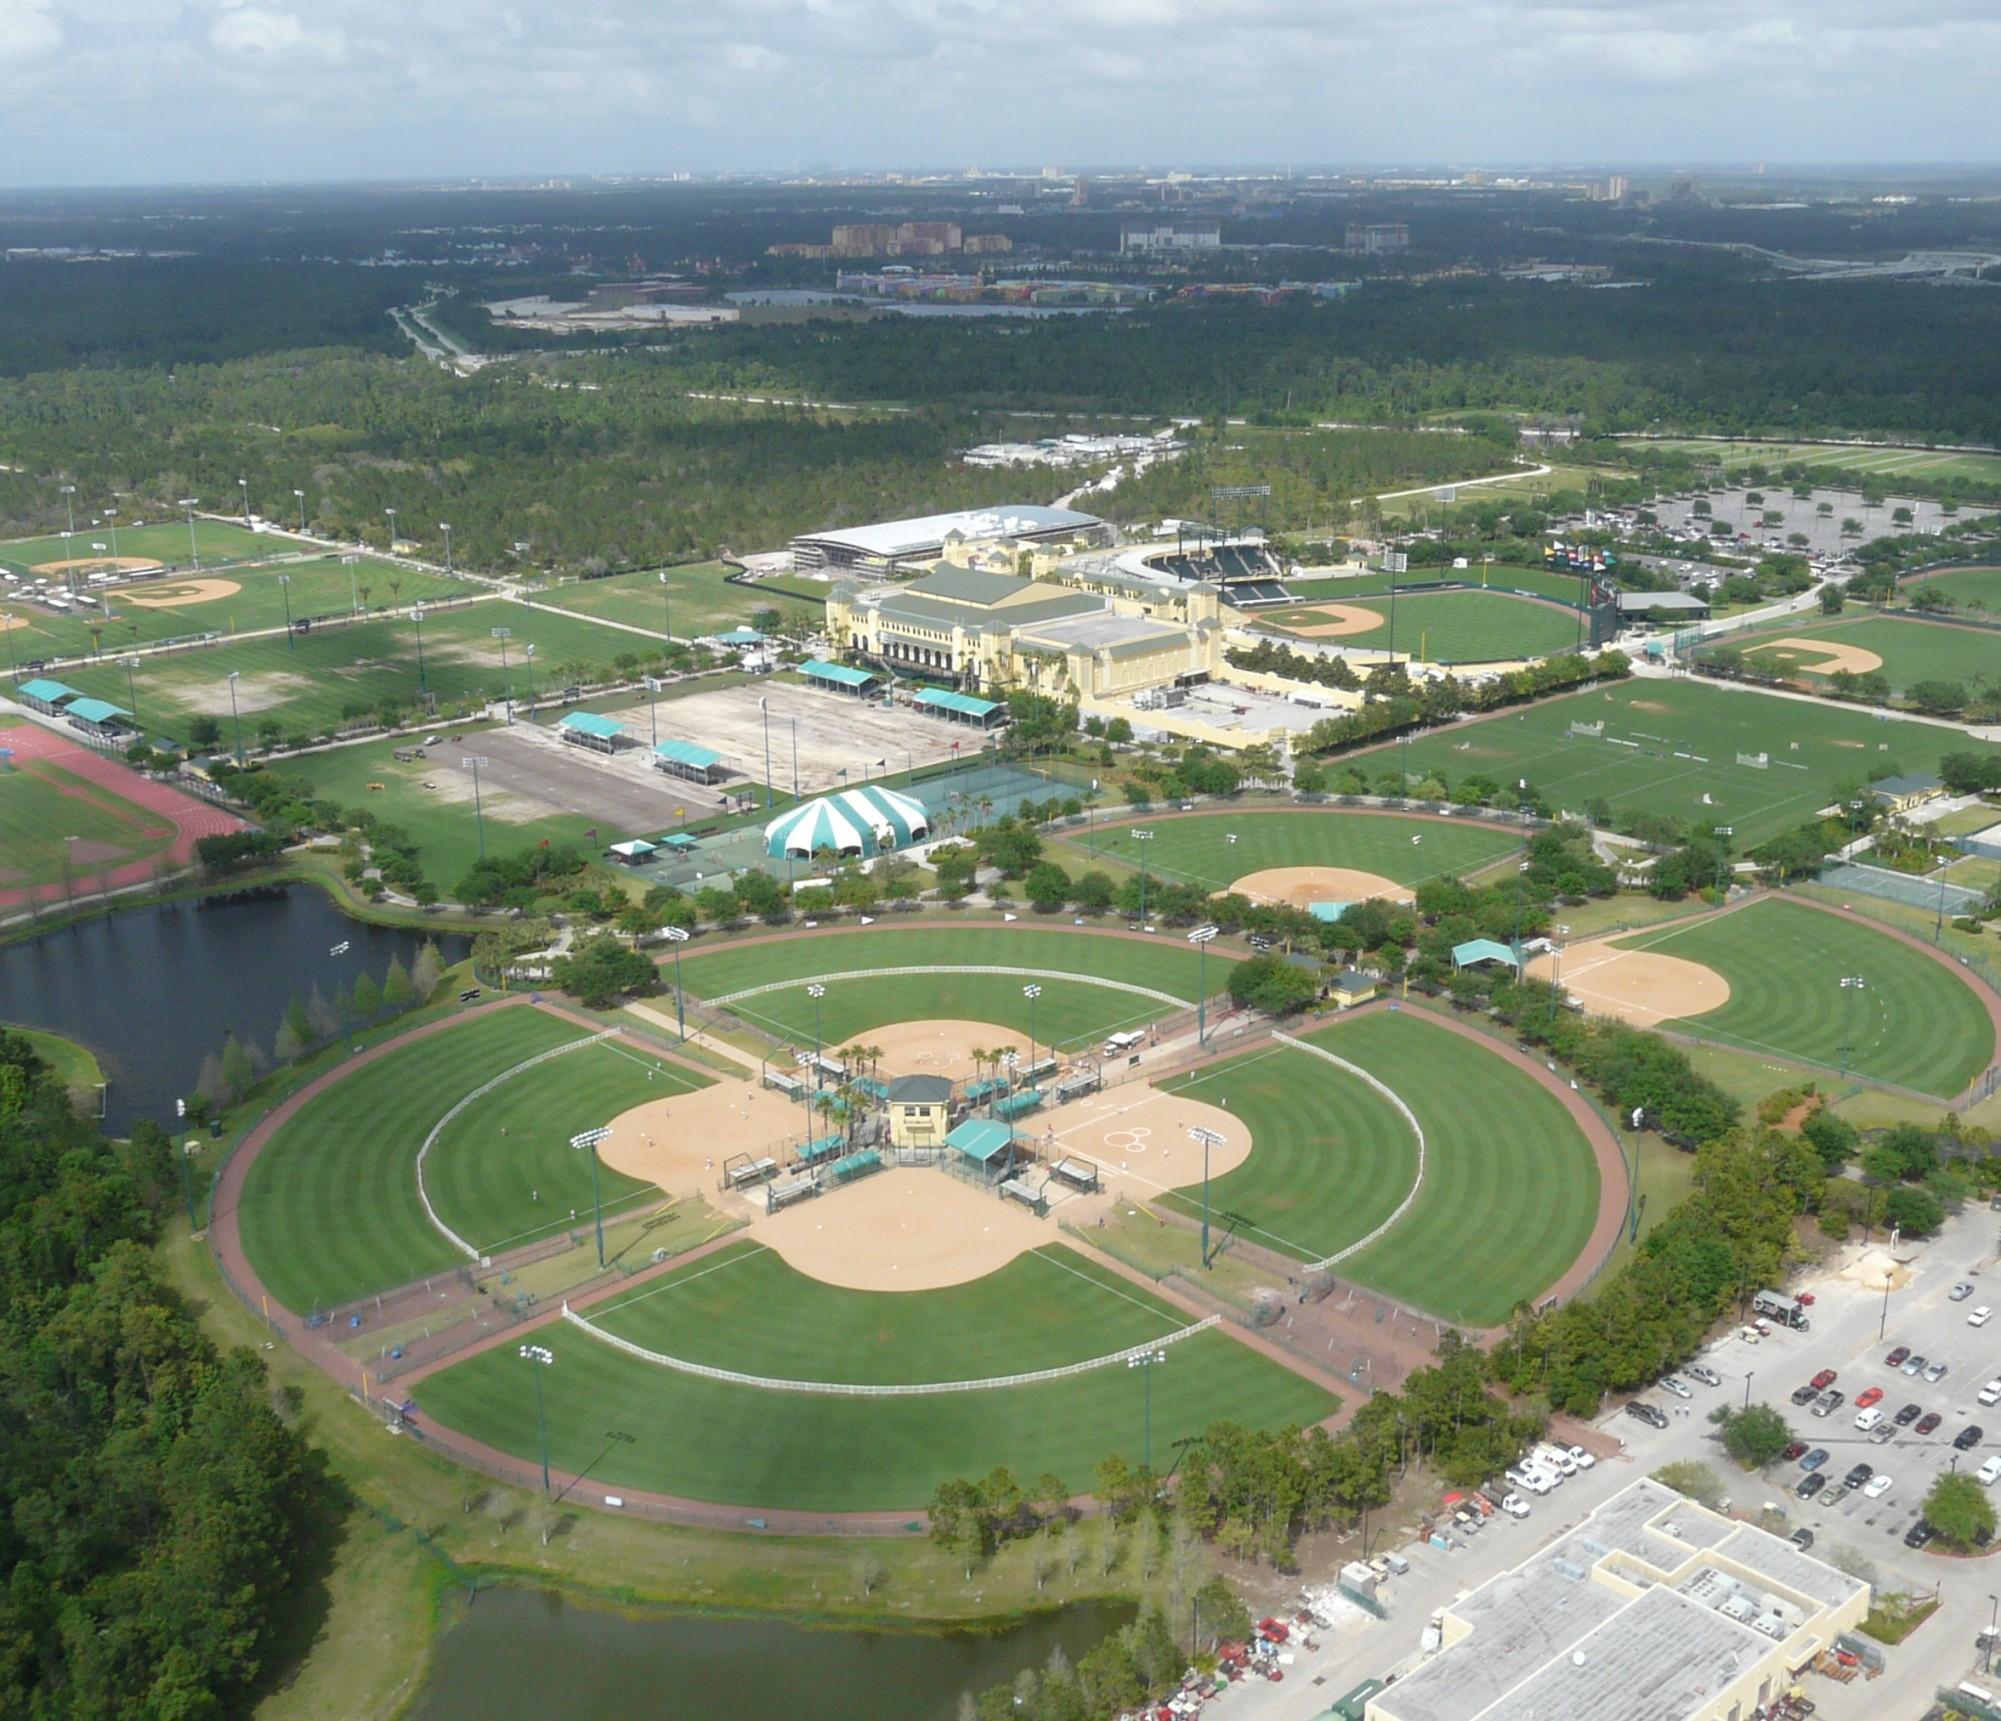 File:Disney's Wide World of Sports (7426504780).jpg - Wikimedia ...